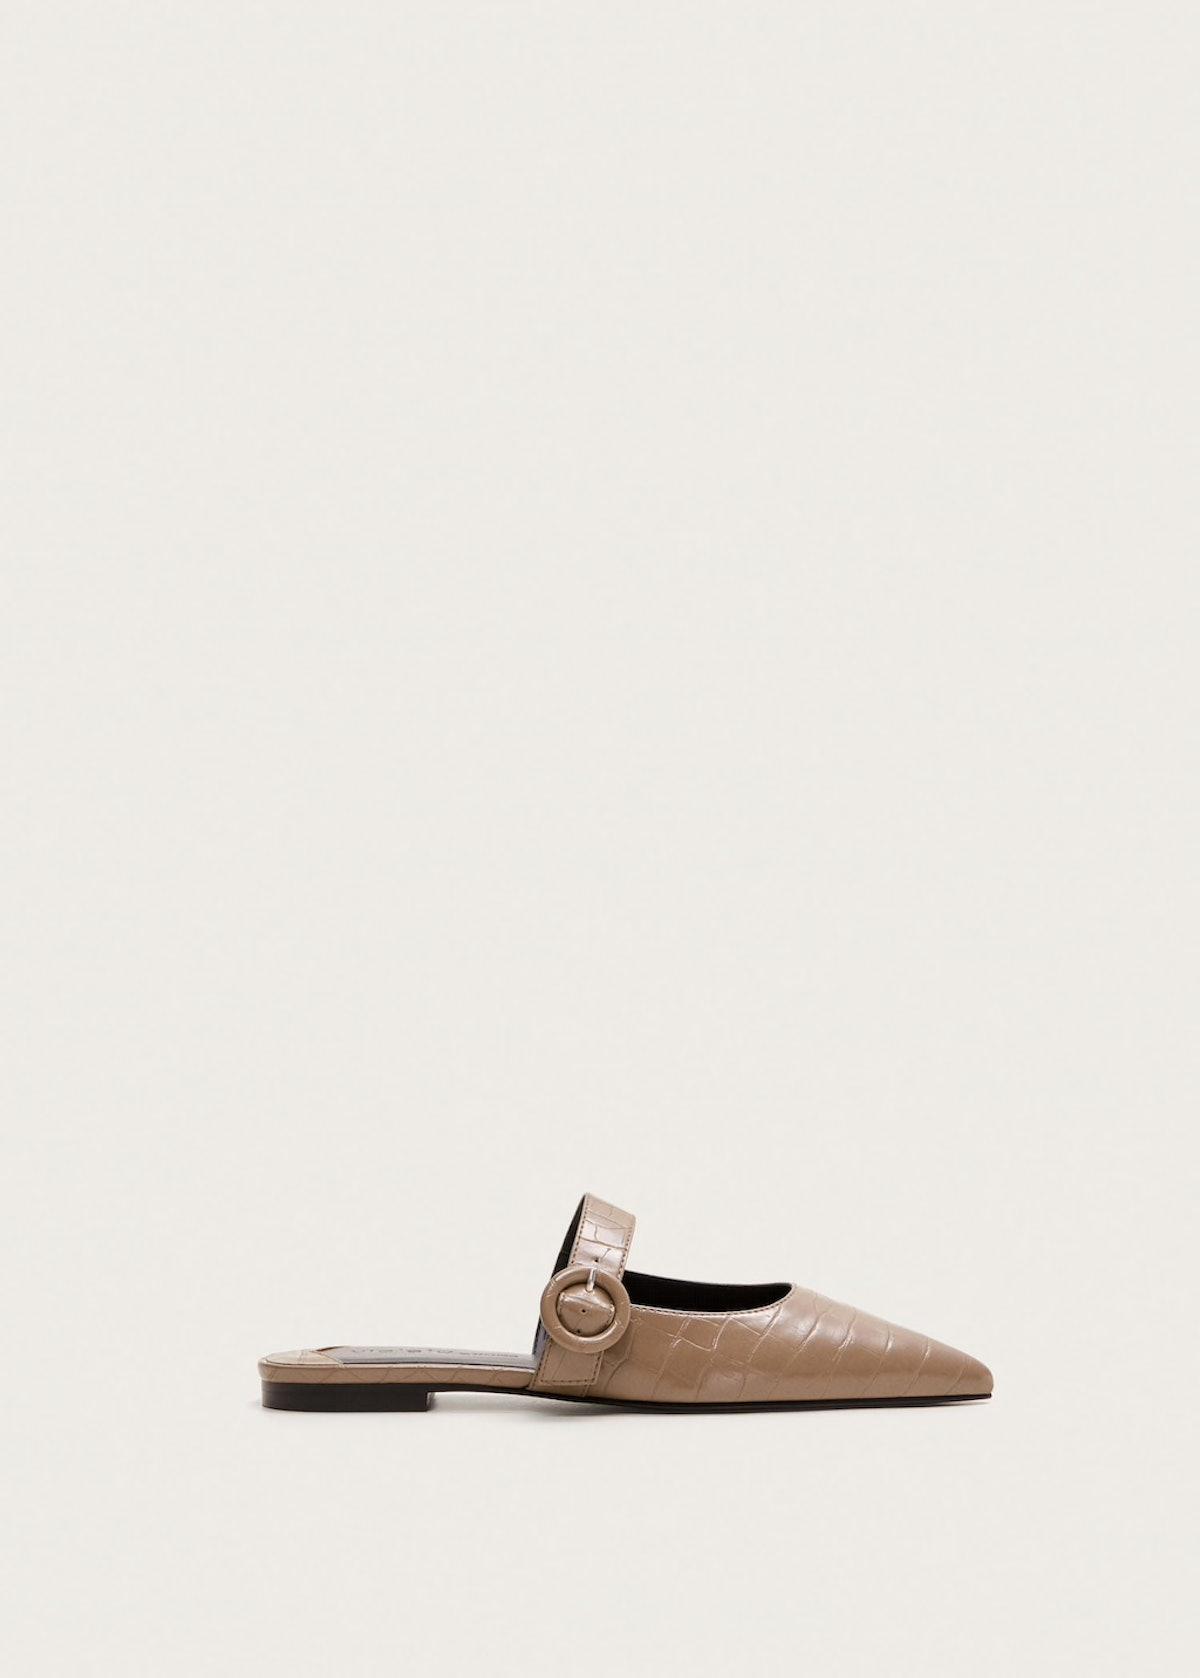 Croc-Effect Shoes